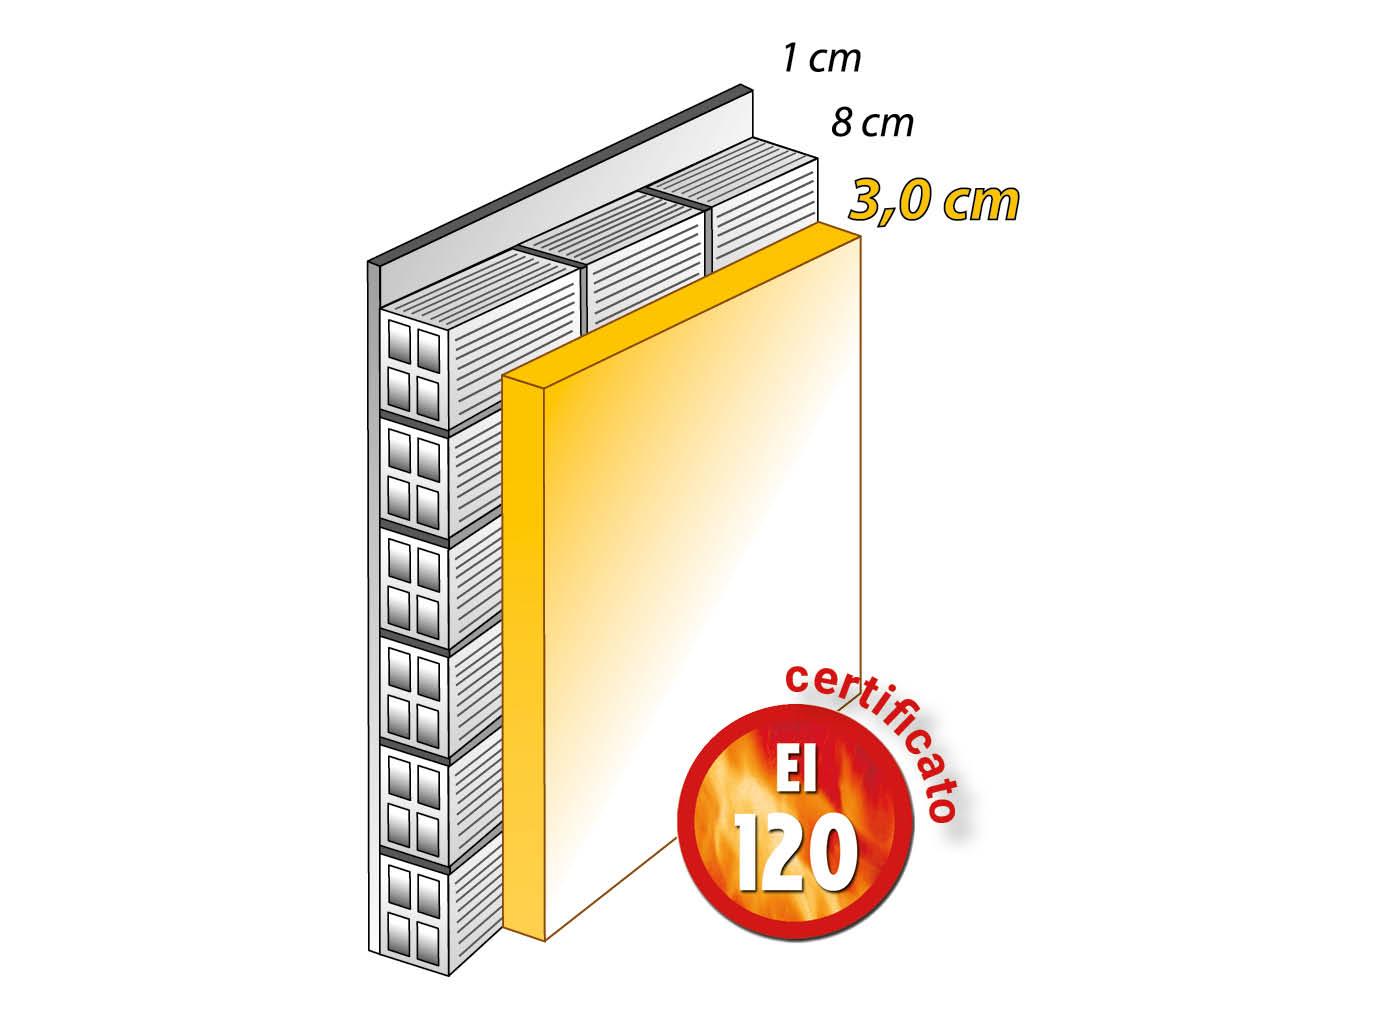 P42-intonaco-tagliafuoco5